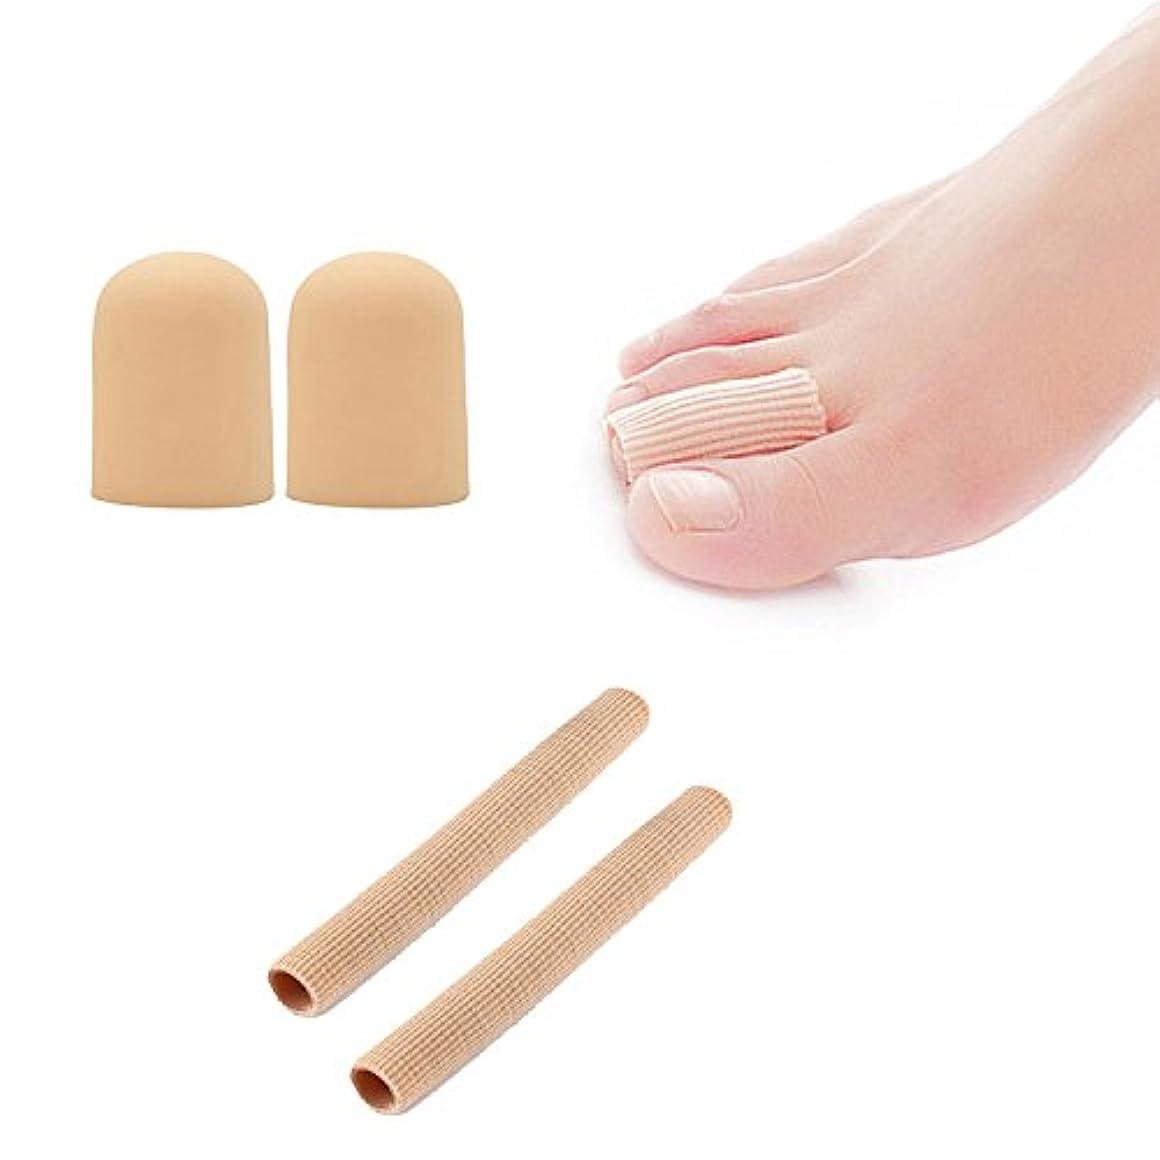 用心する戦士化合物足指保護キャップ つま先プロテクター 足先のつめ保護キャップ シリコン 調整可能